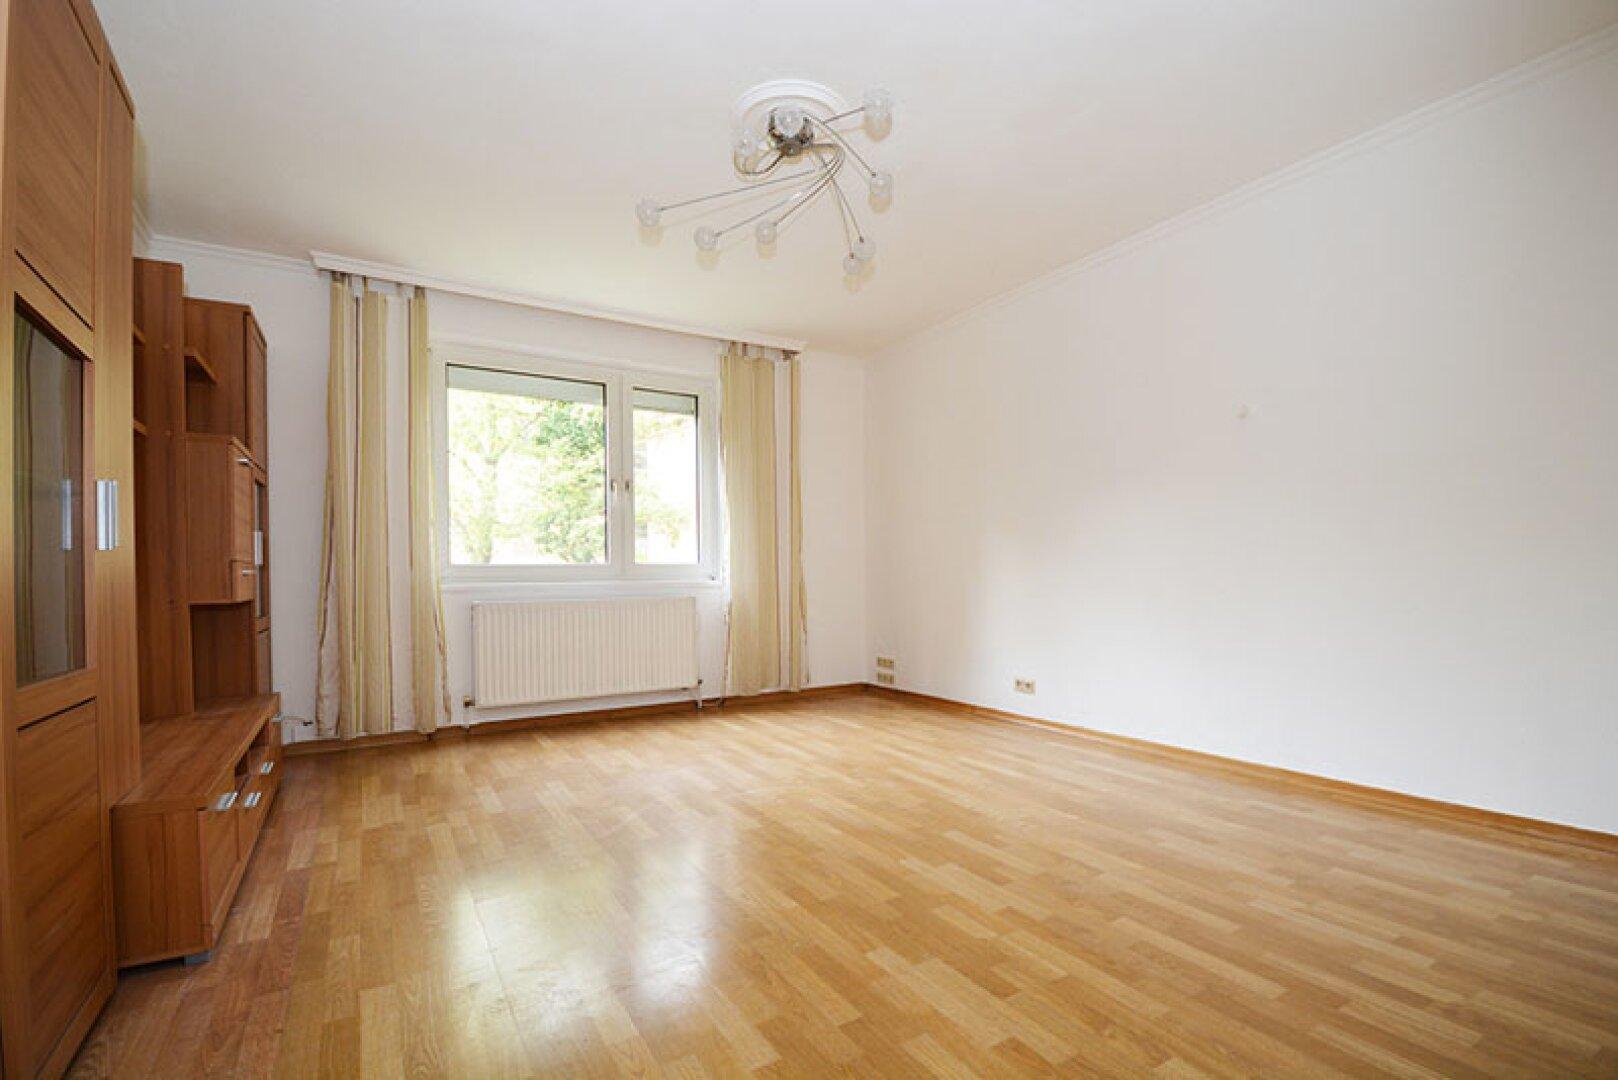 Wohnzimmer d